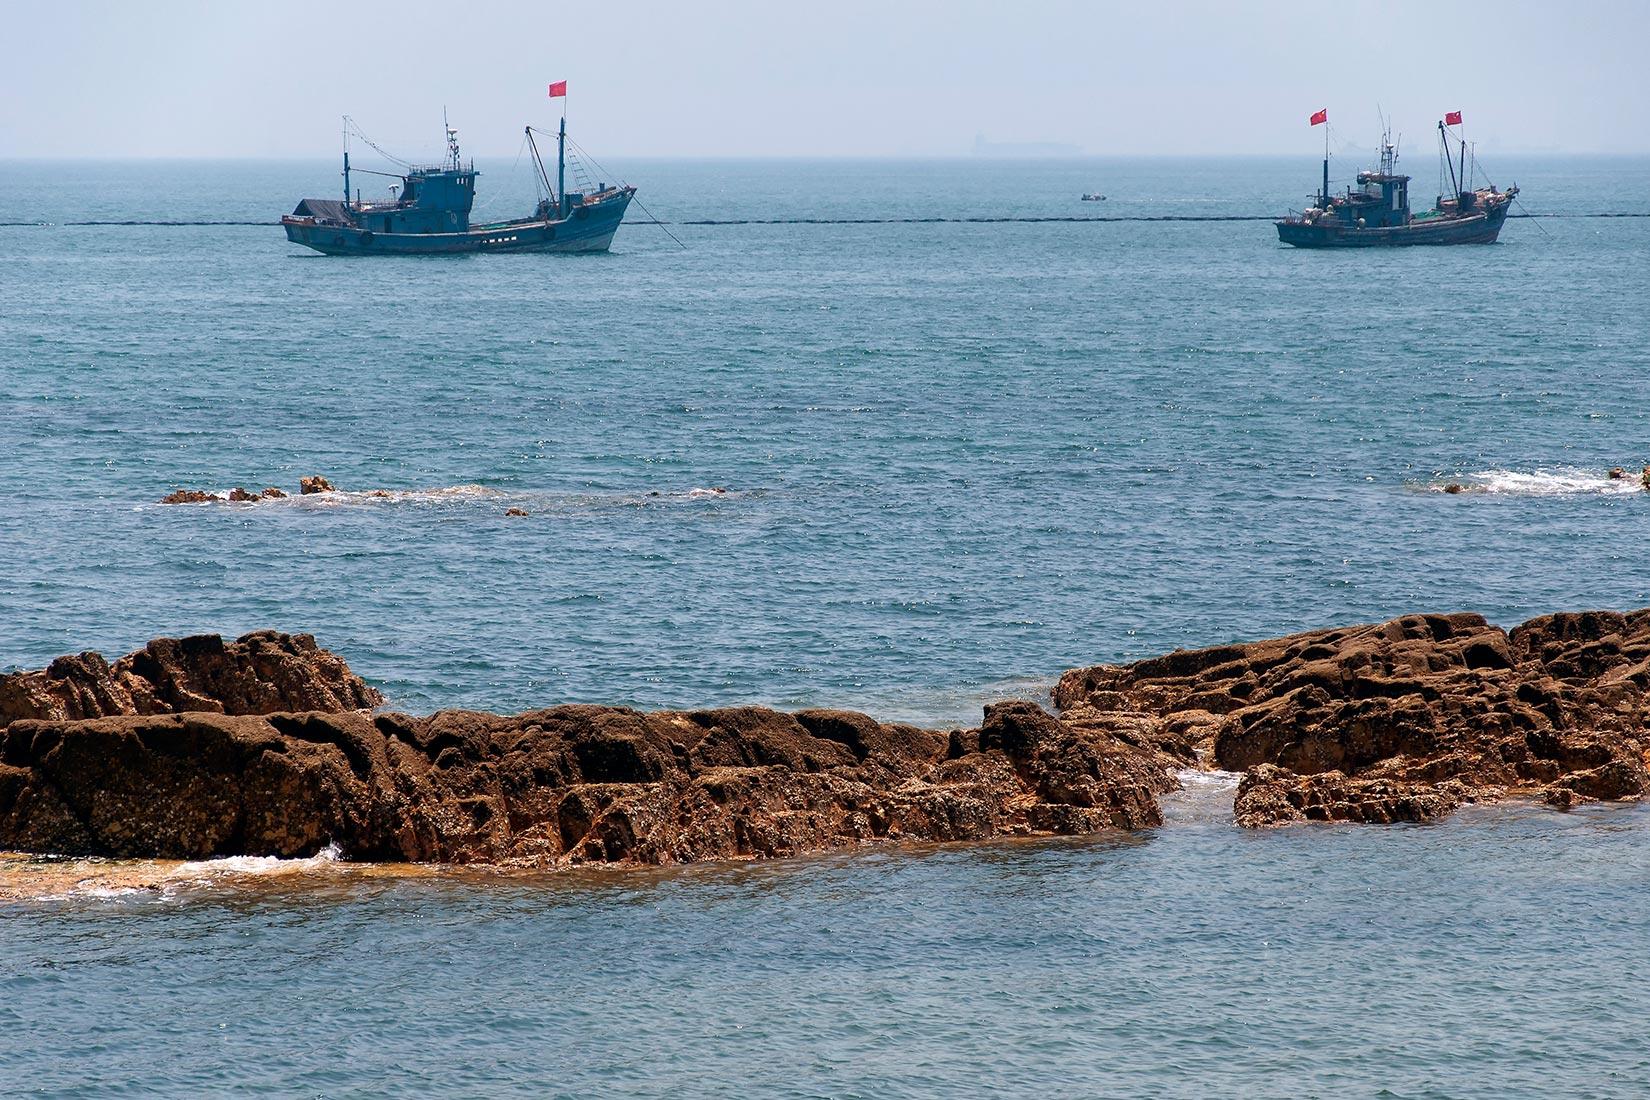 中国海警法による国際秩序への挑戦<br>尖閣諸島周辺海域における中国海警局の活動への示唆